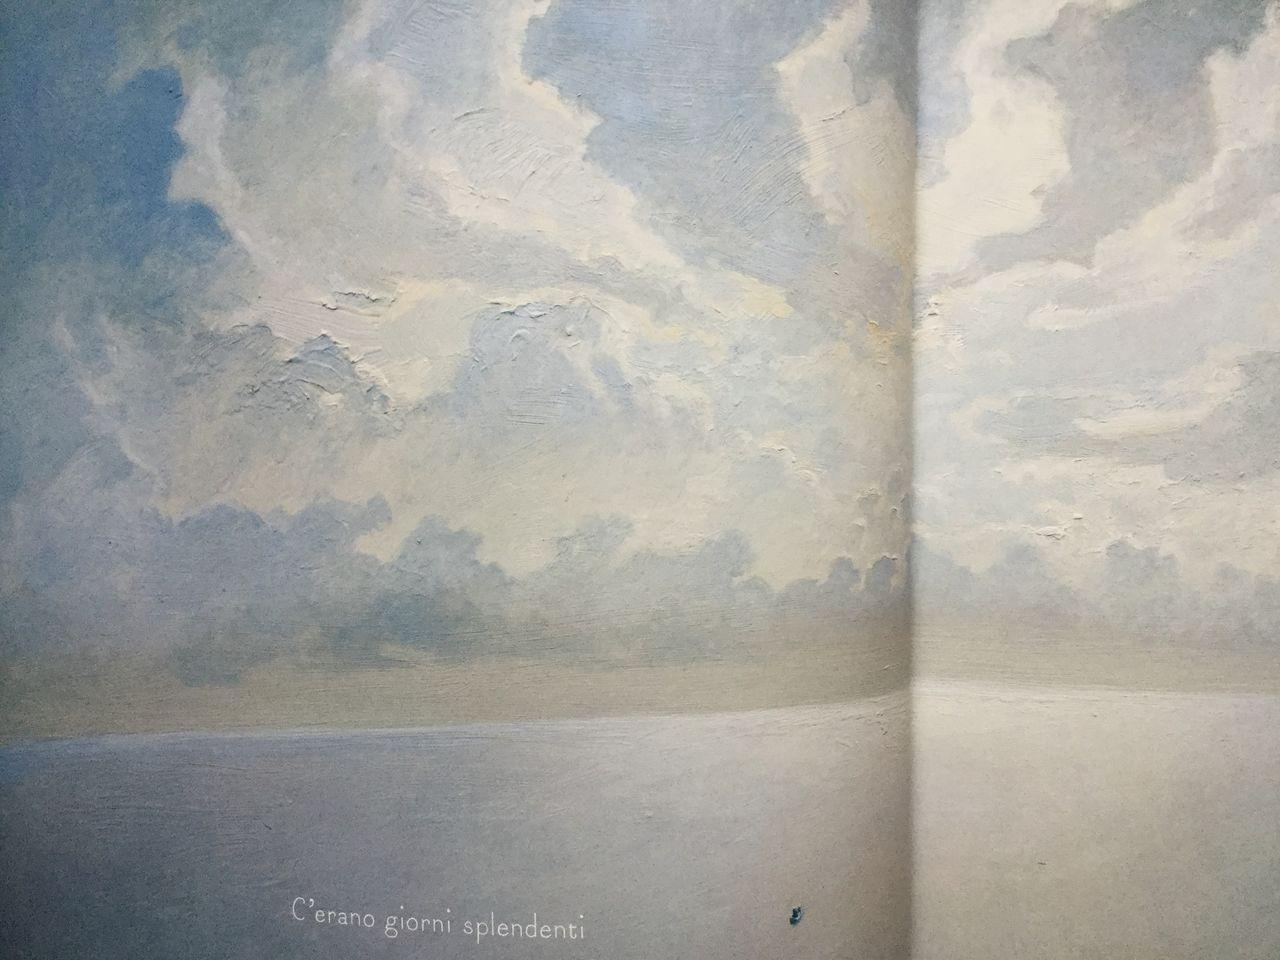 R. Young - M. Ottley, Un nuovo orizzonte, Terredimezzo